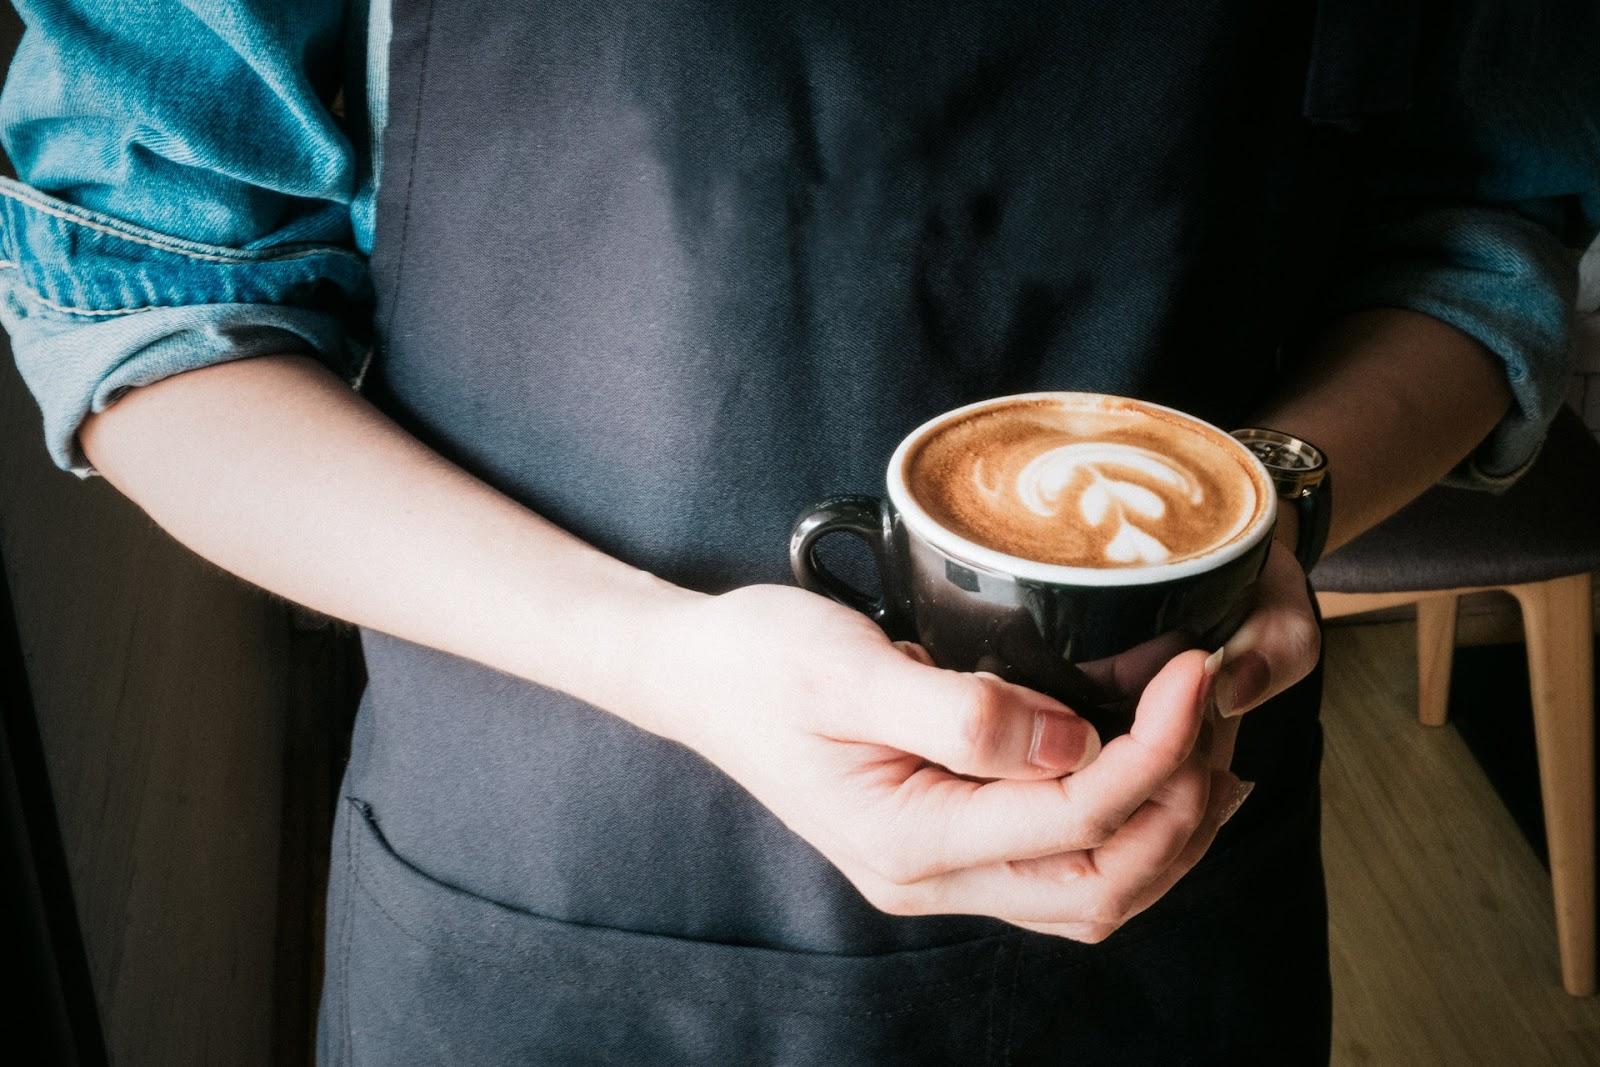 pessoa segurando copo café decorado